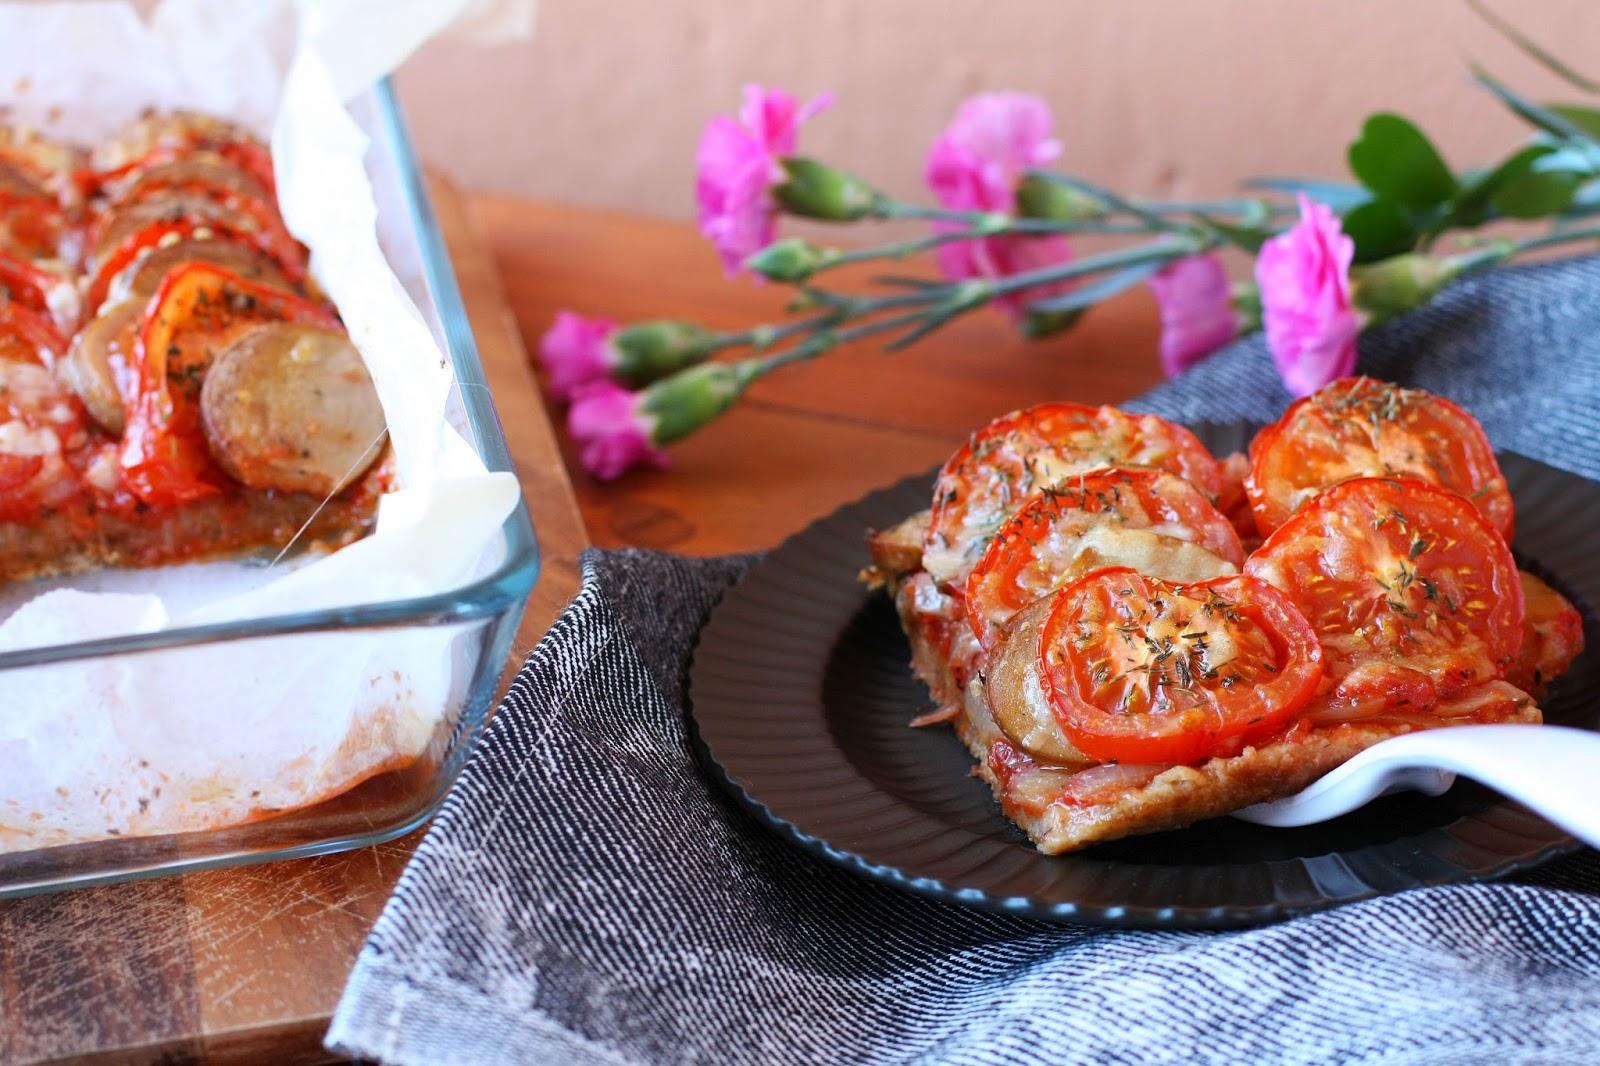 tomaatti-makkarapiirakka Snellman All Natural makkara grillimakkara piirakka leivonta mallaspulla tomaatti